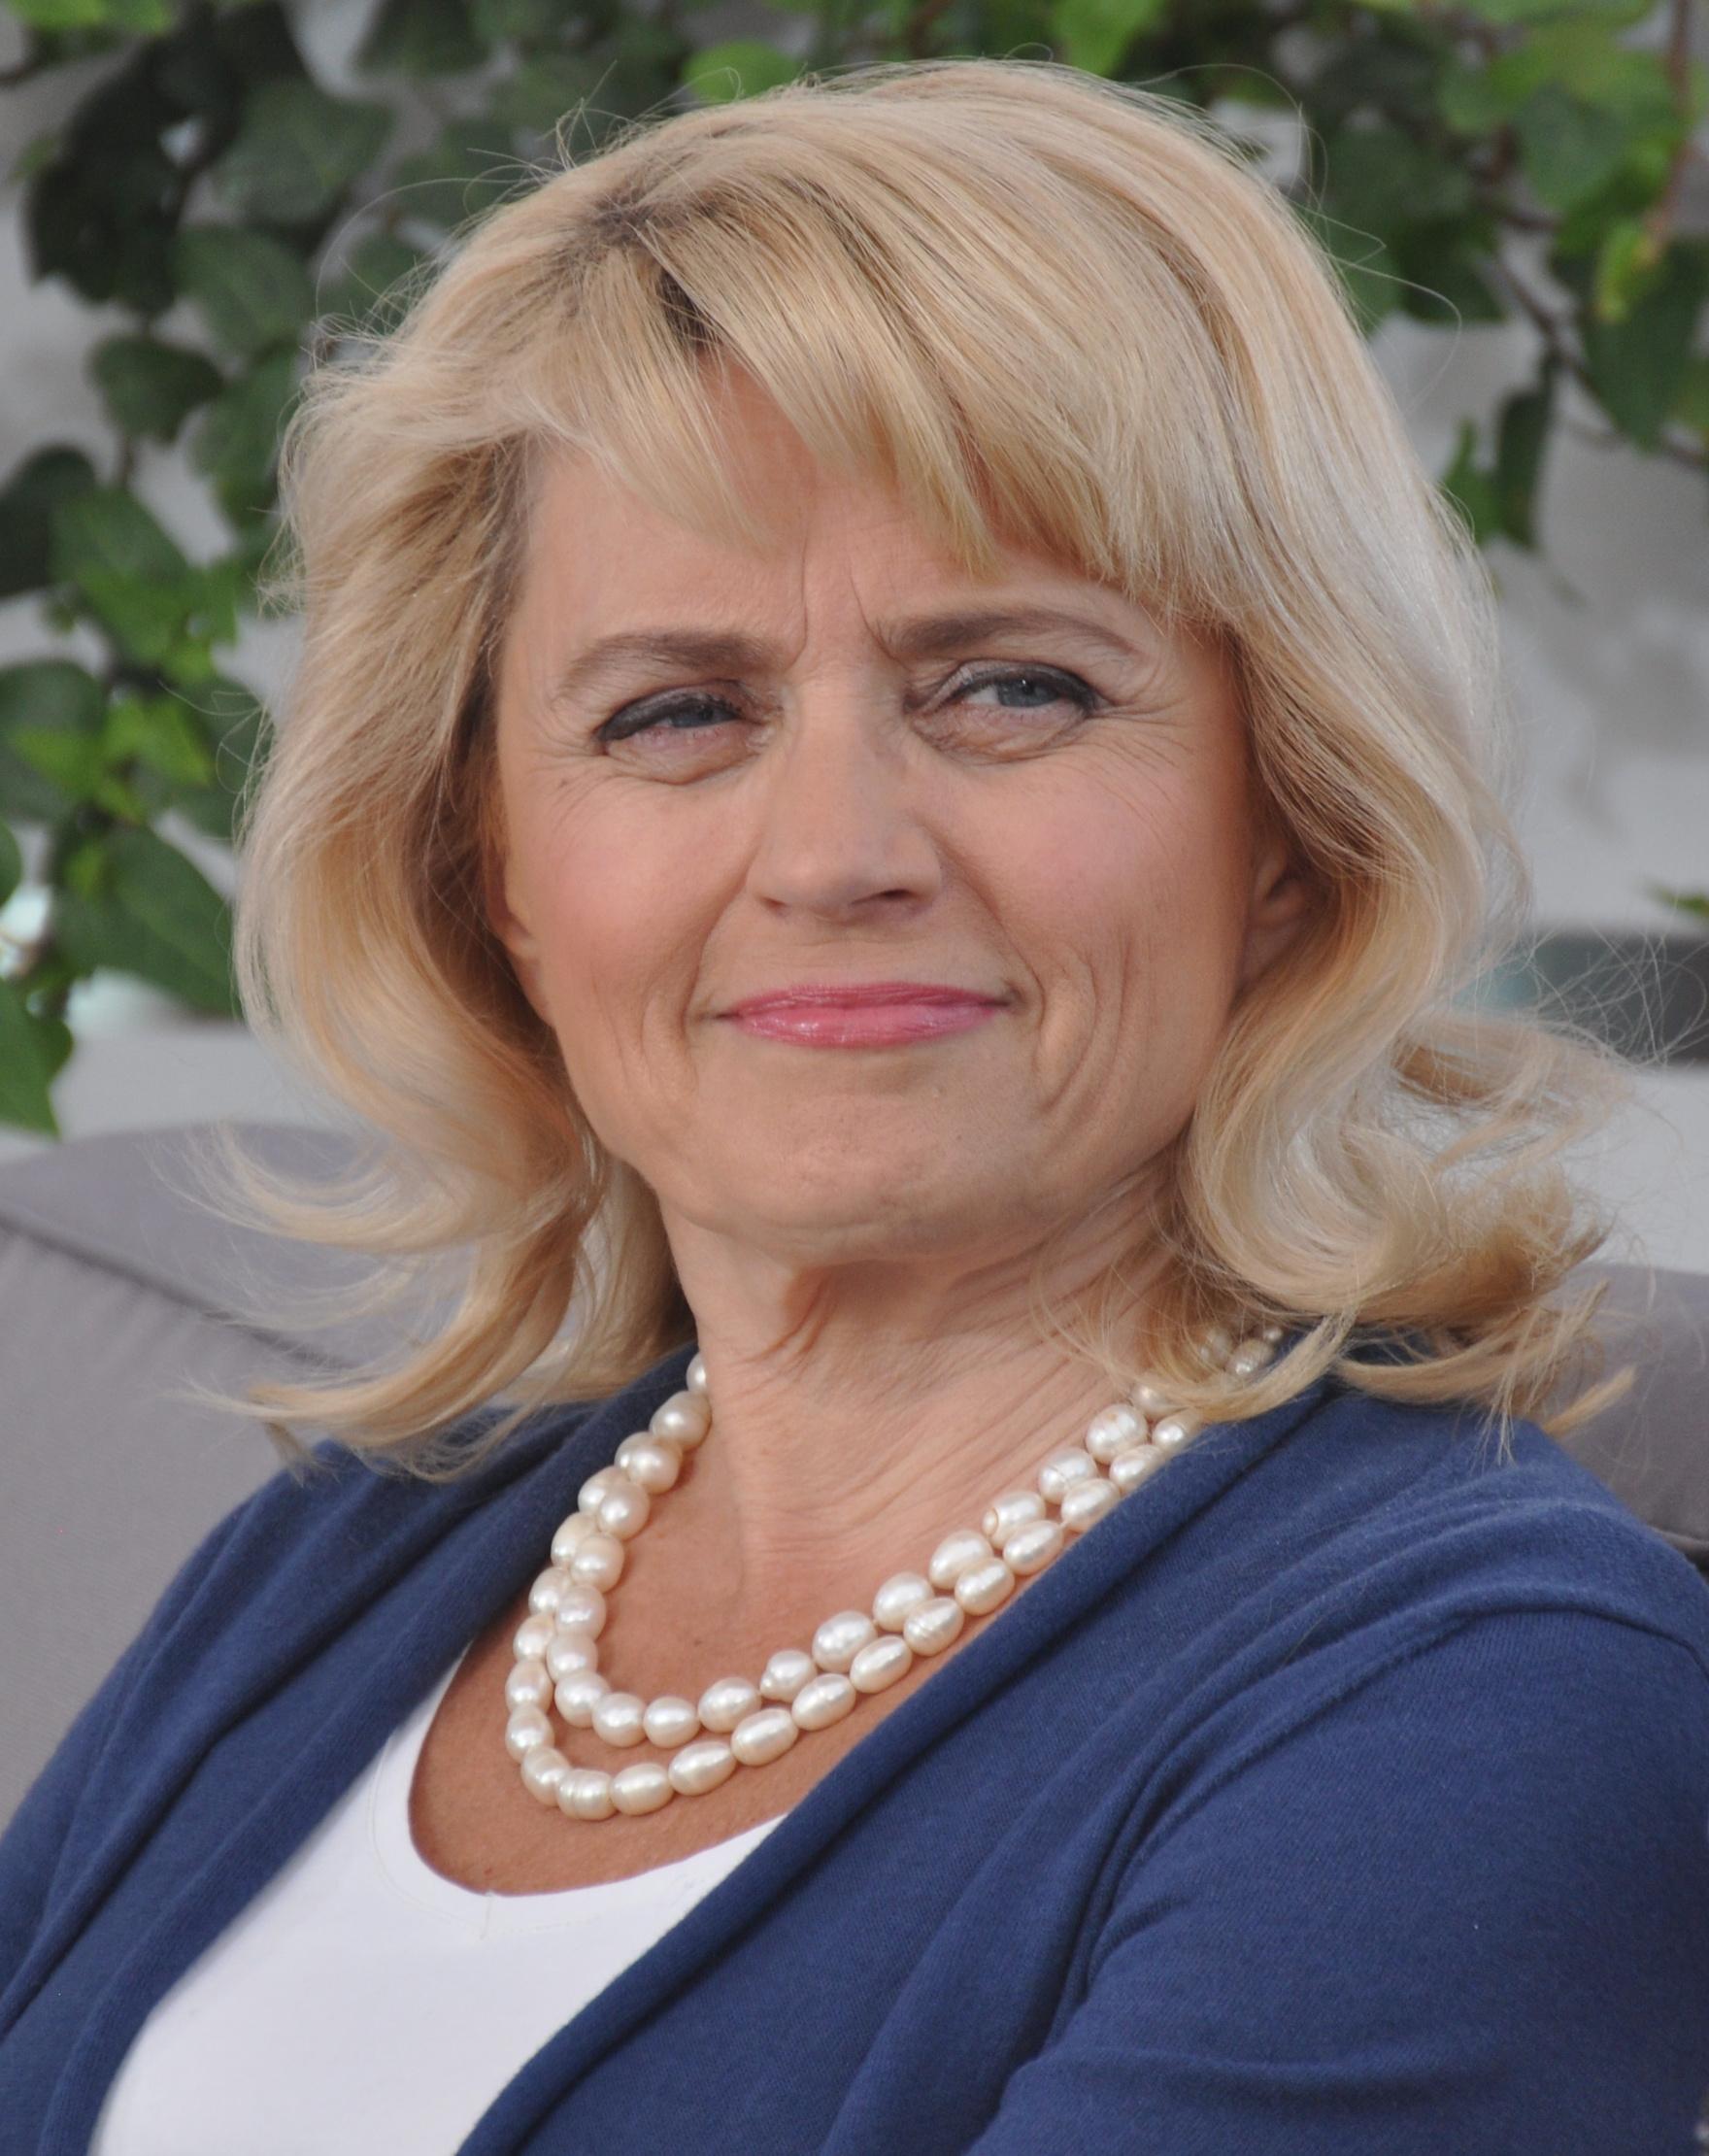 Finlandia, indagata ex ministro: ha sostenuto visione biblica dell'omosessualità